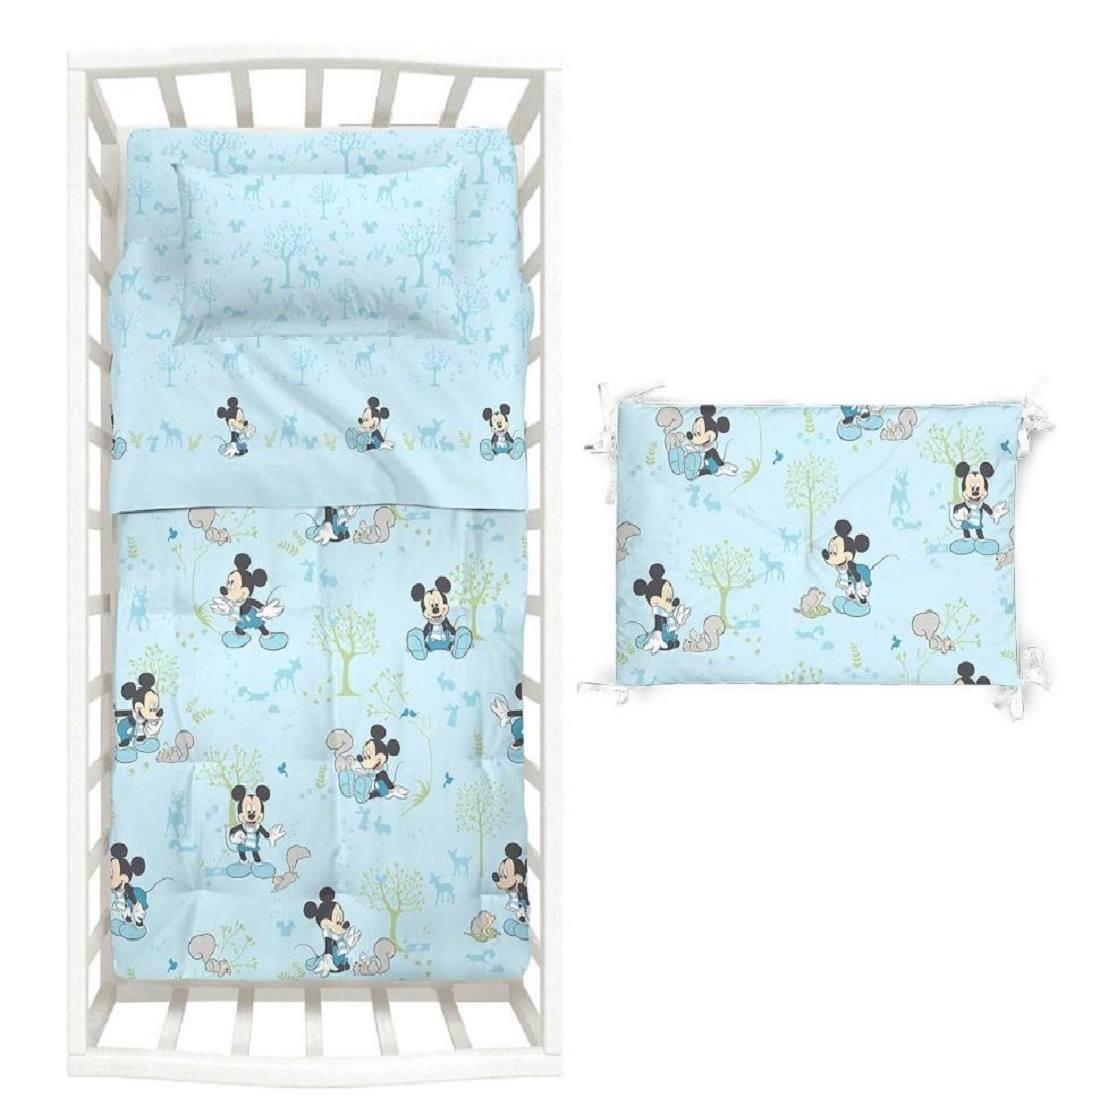 Couvre-lit avec tour de lit Disney Baby–Mickey Boschetto–100% coton, garnissage en fibre de polyester hypoallergénique Caleffi